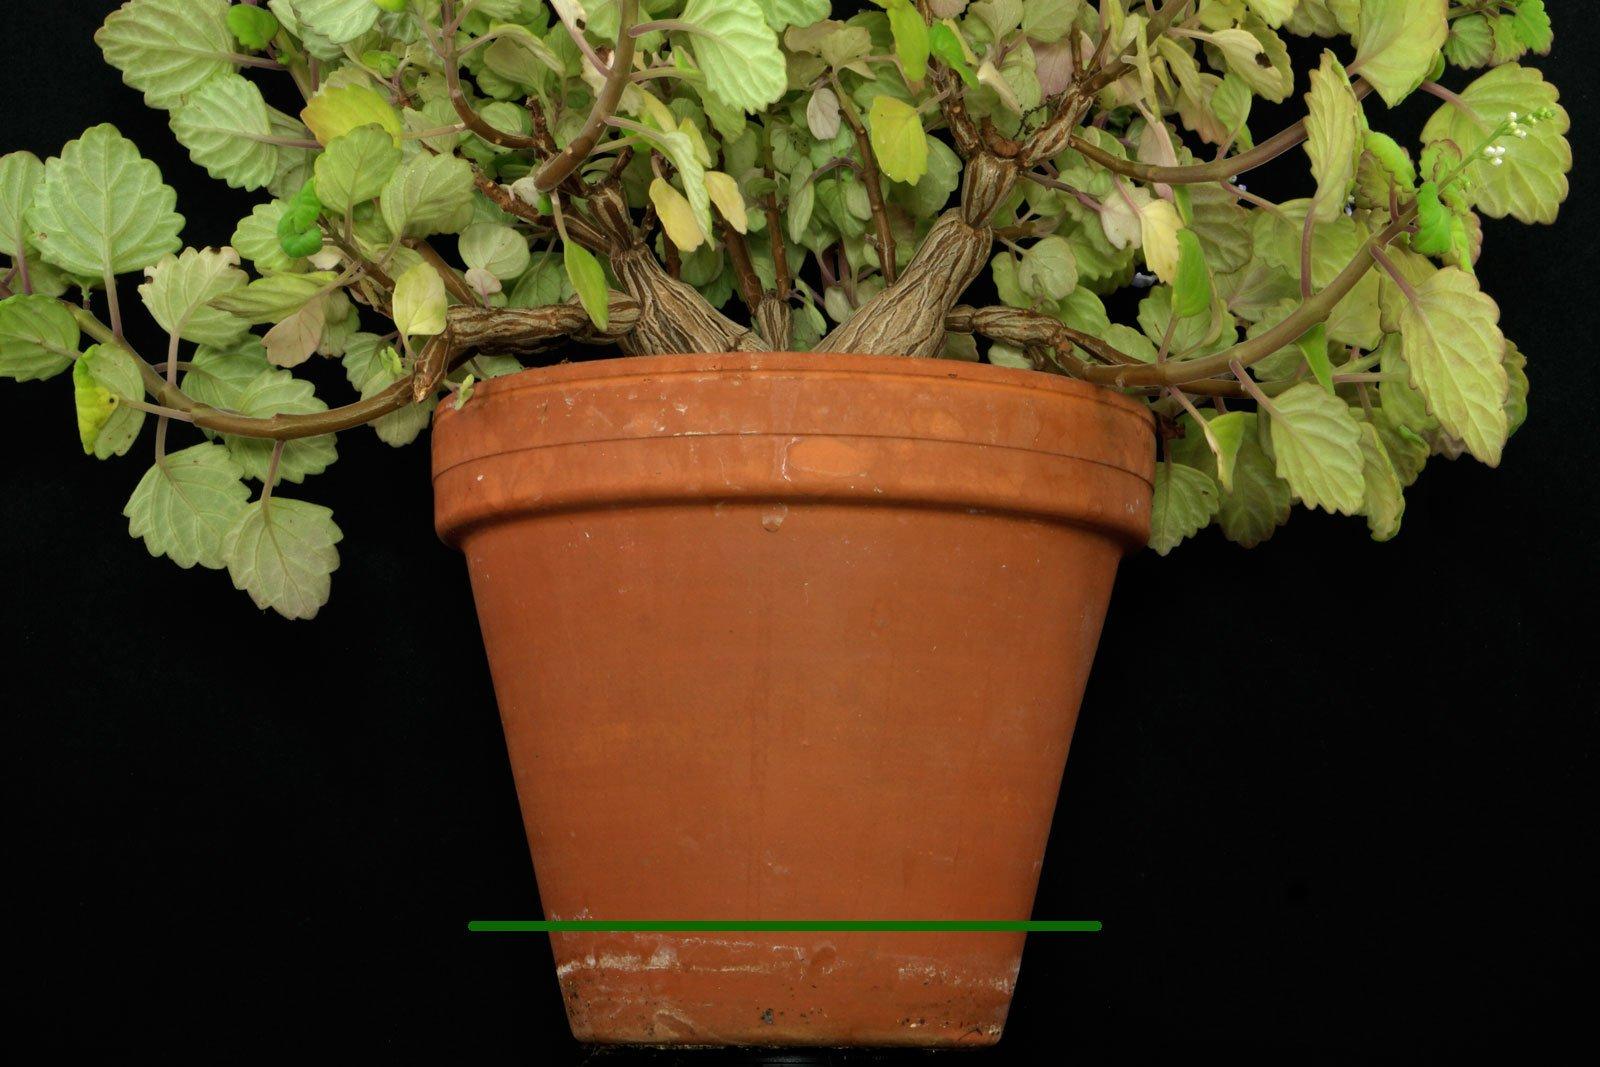 Plectranthus verticillatus in pot